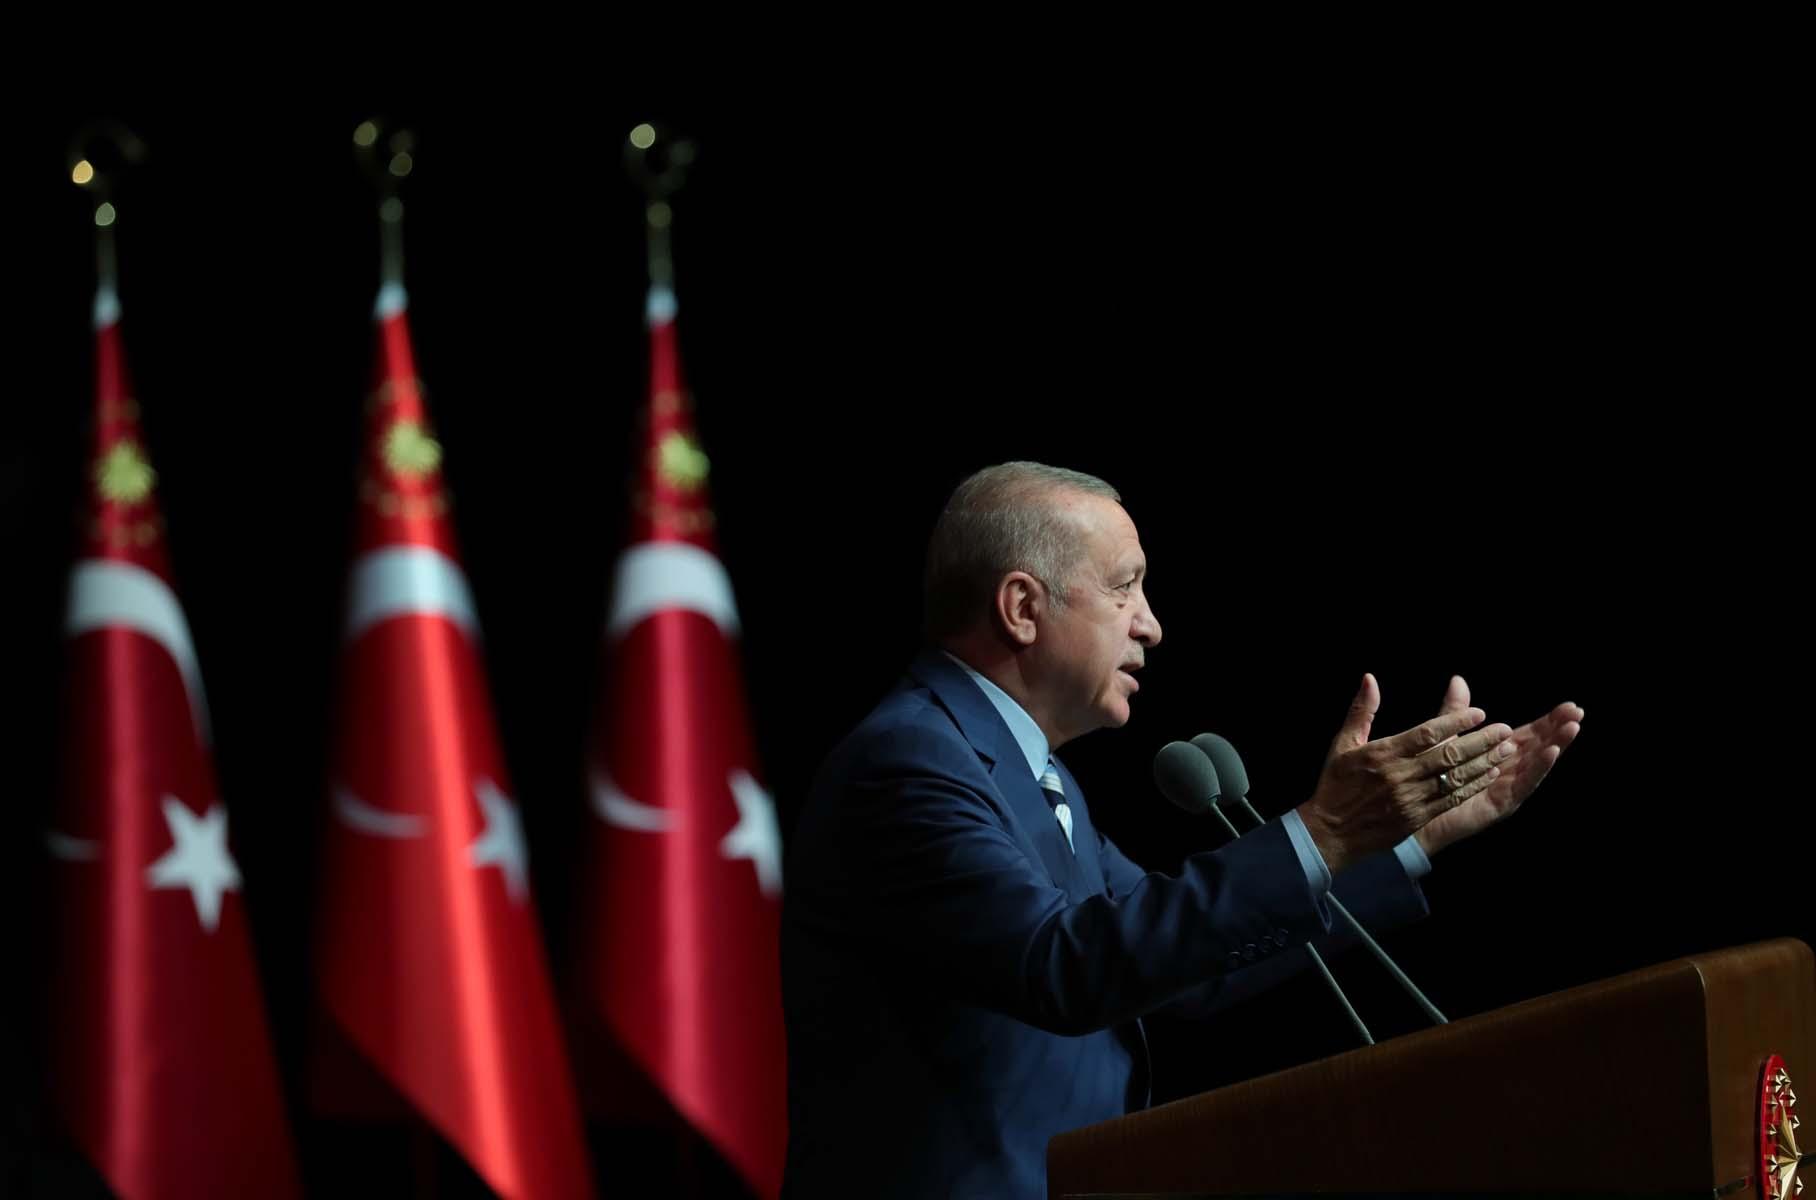 Cumhurbaşkanı Erdoğan, 24. Dönem Adli Yargı Hakim ve Cumhuriyet Savcıları Kura Töreni'nde konuştu: Sulh komisyonları 81 ilde devreye alınacak